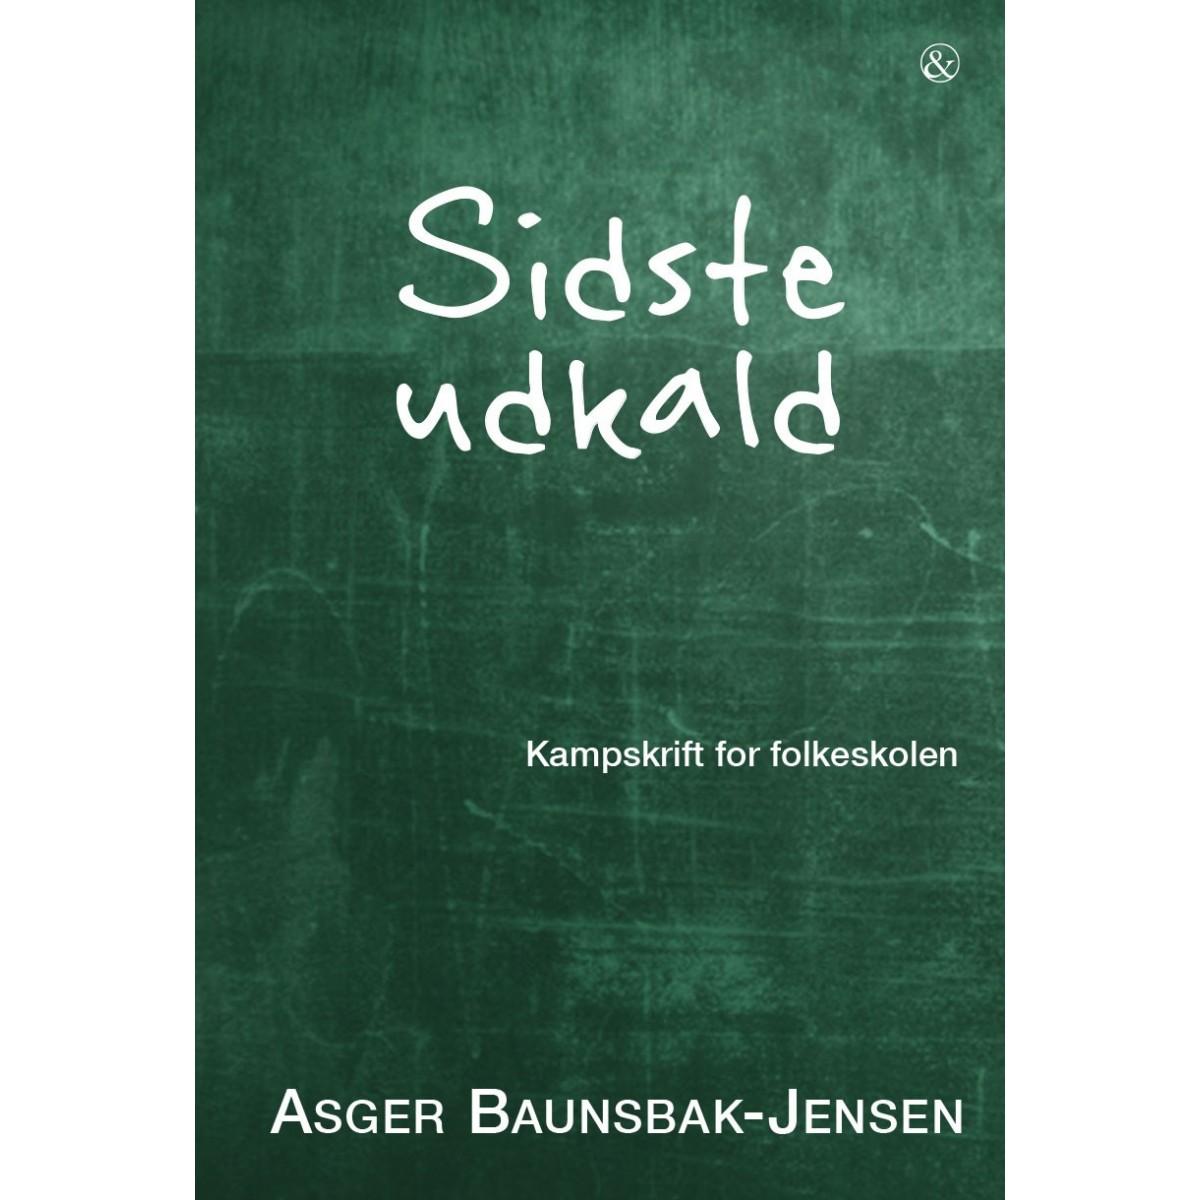 Asger Baunsbak-Jensen: Sidste udkald - kampskrift for folkeskolen